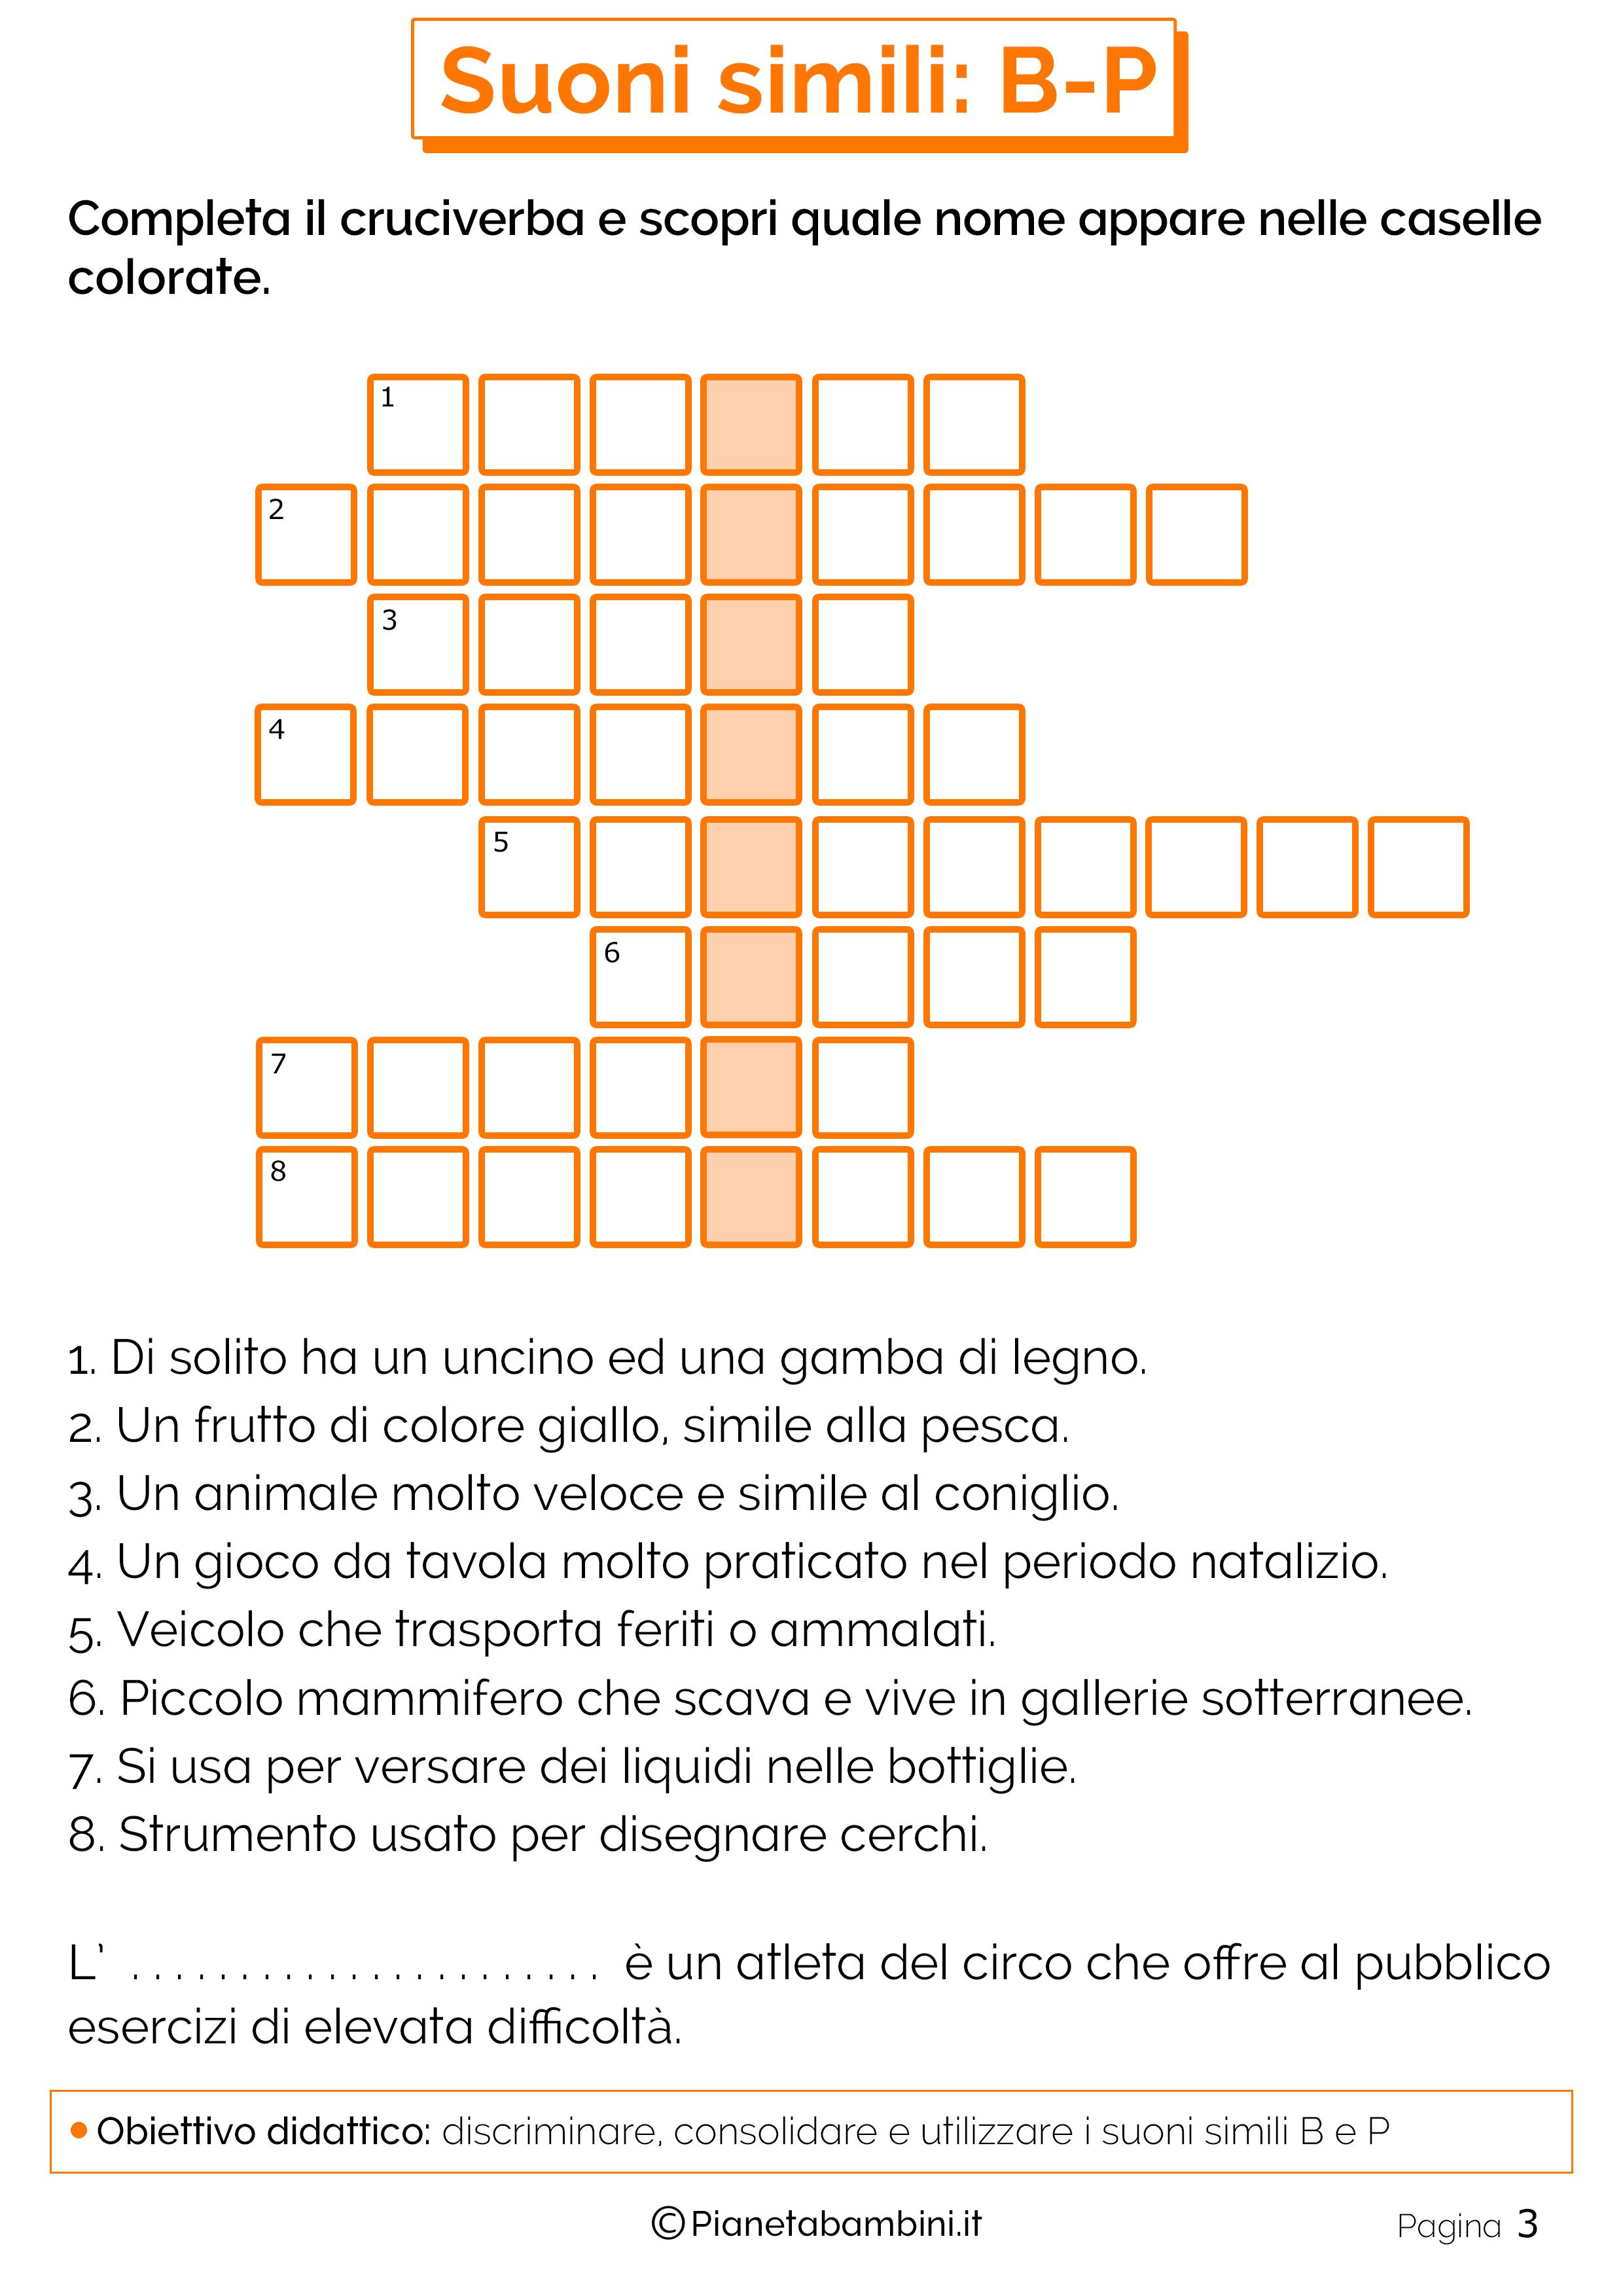 Schede didattiche sui suoni simili B e P pagina 6